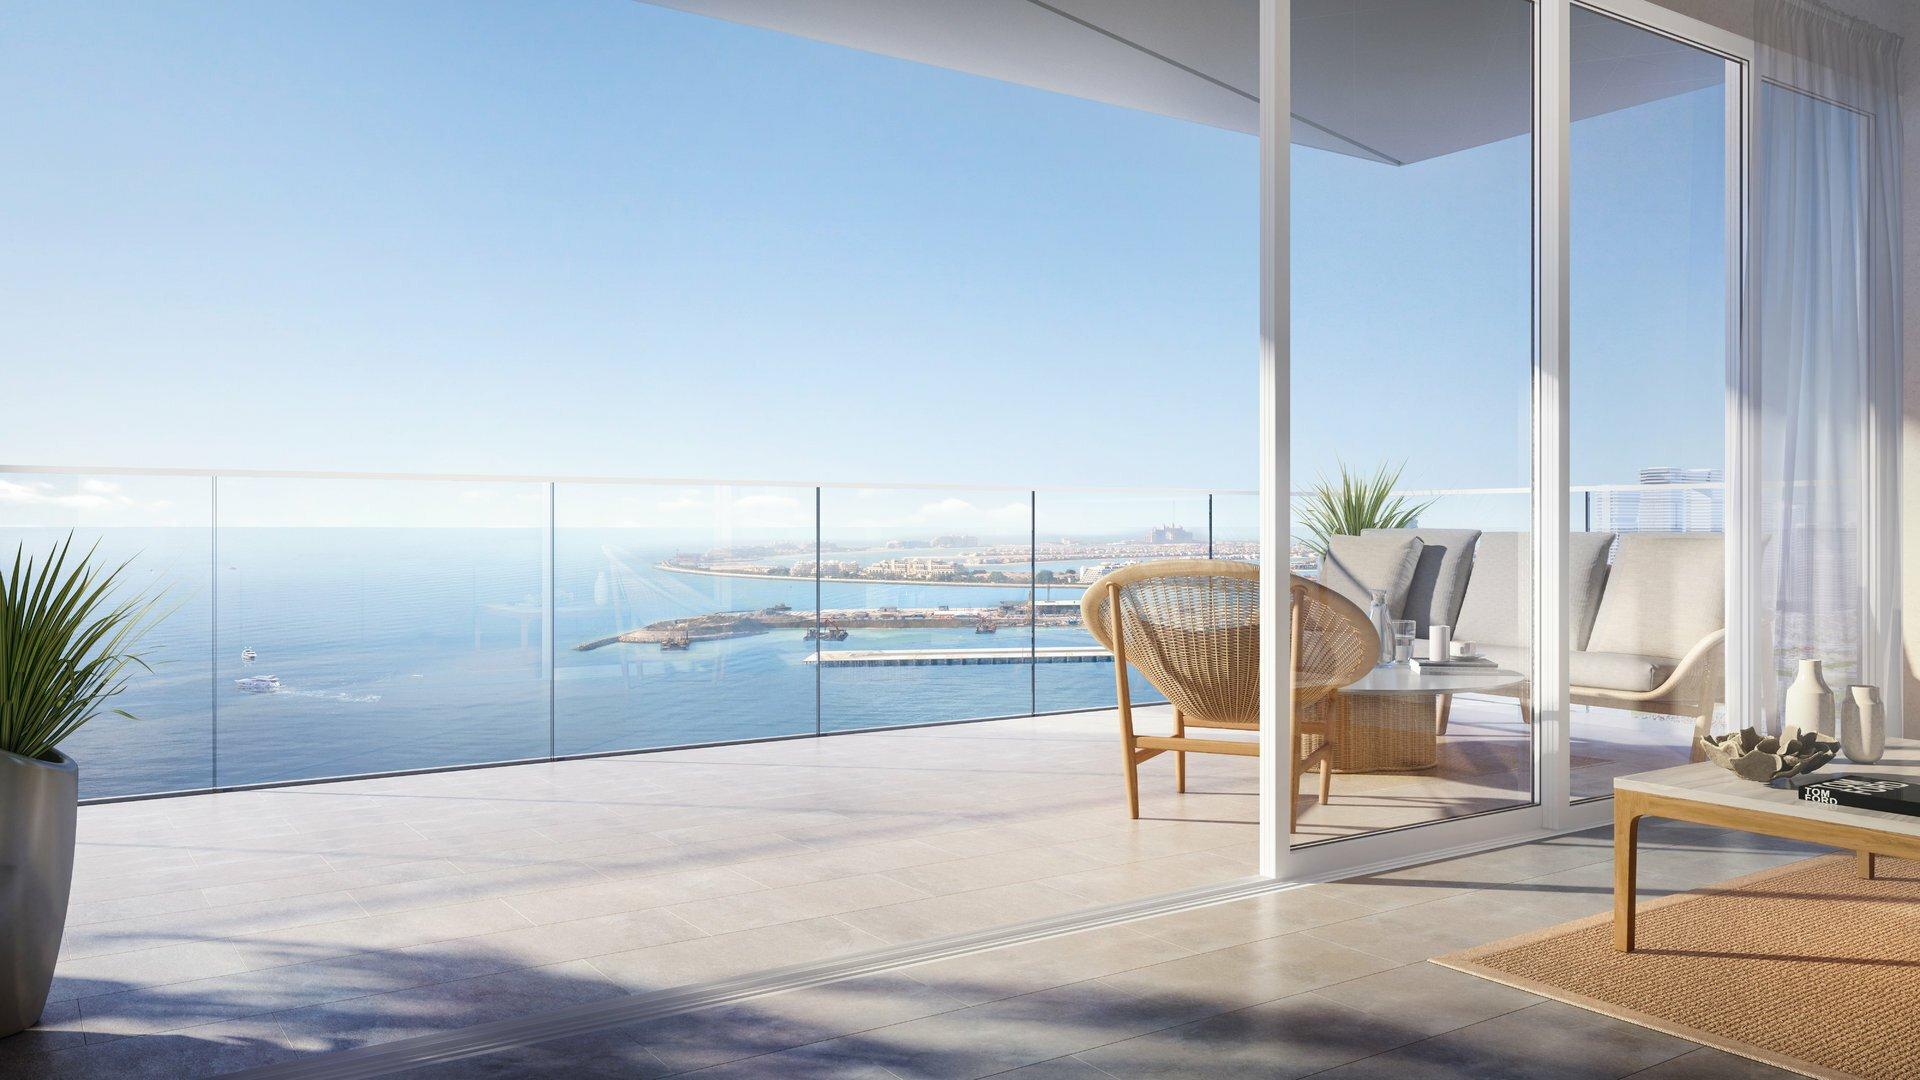 Apartamento en venta en Dubai, EAU, 2 dormitorios, 130 m2, № 24553 – foto 5